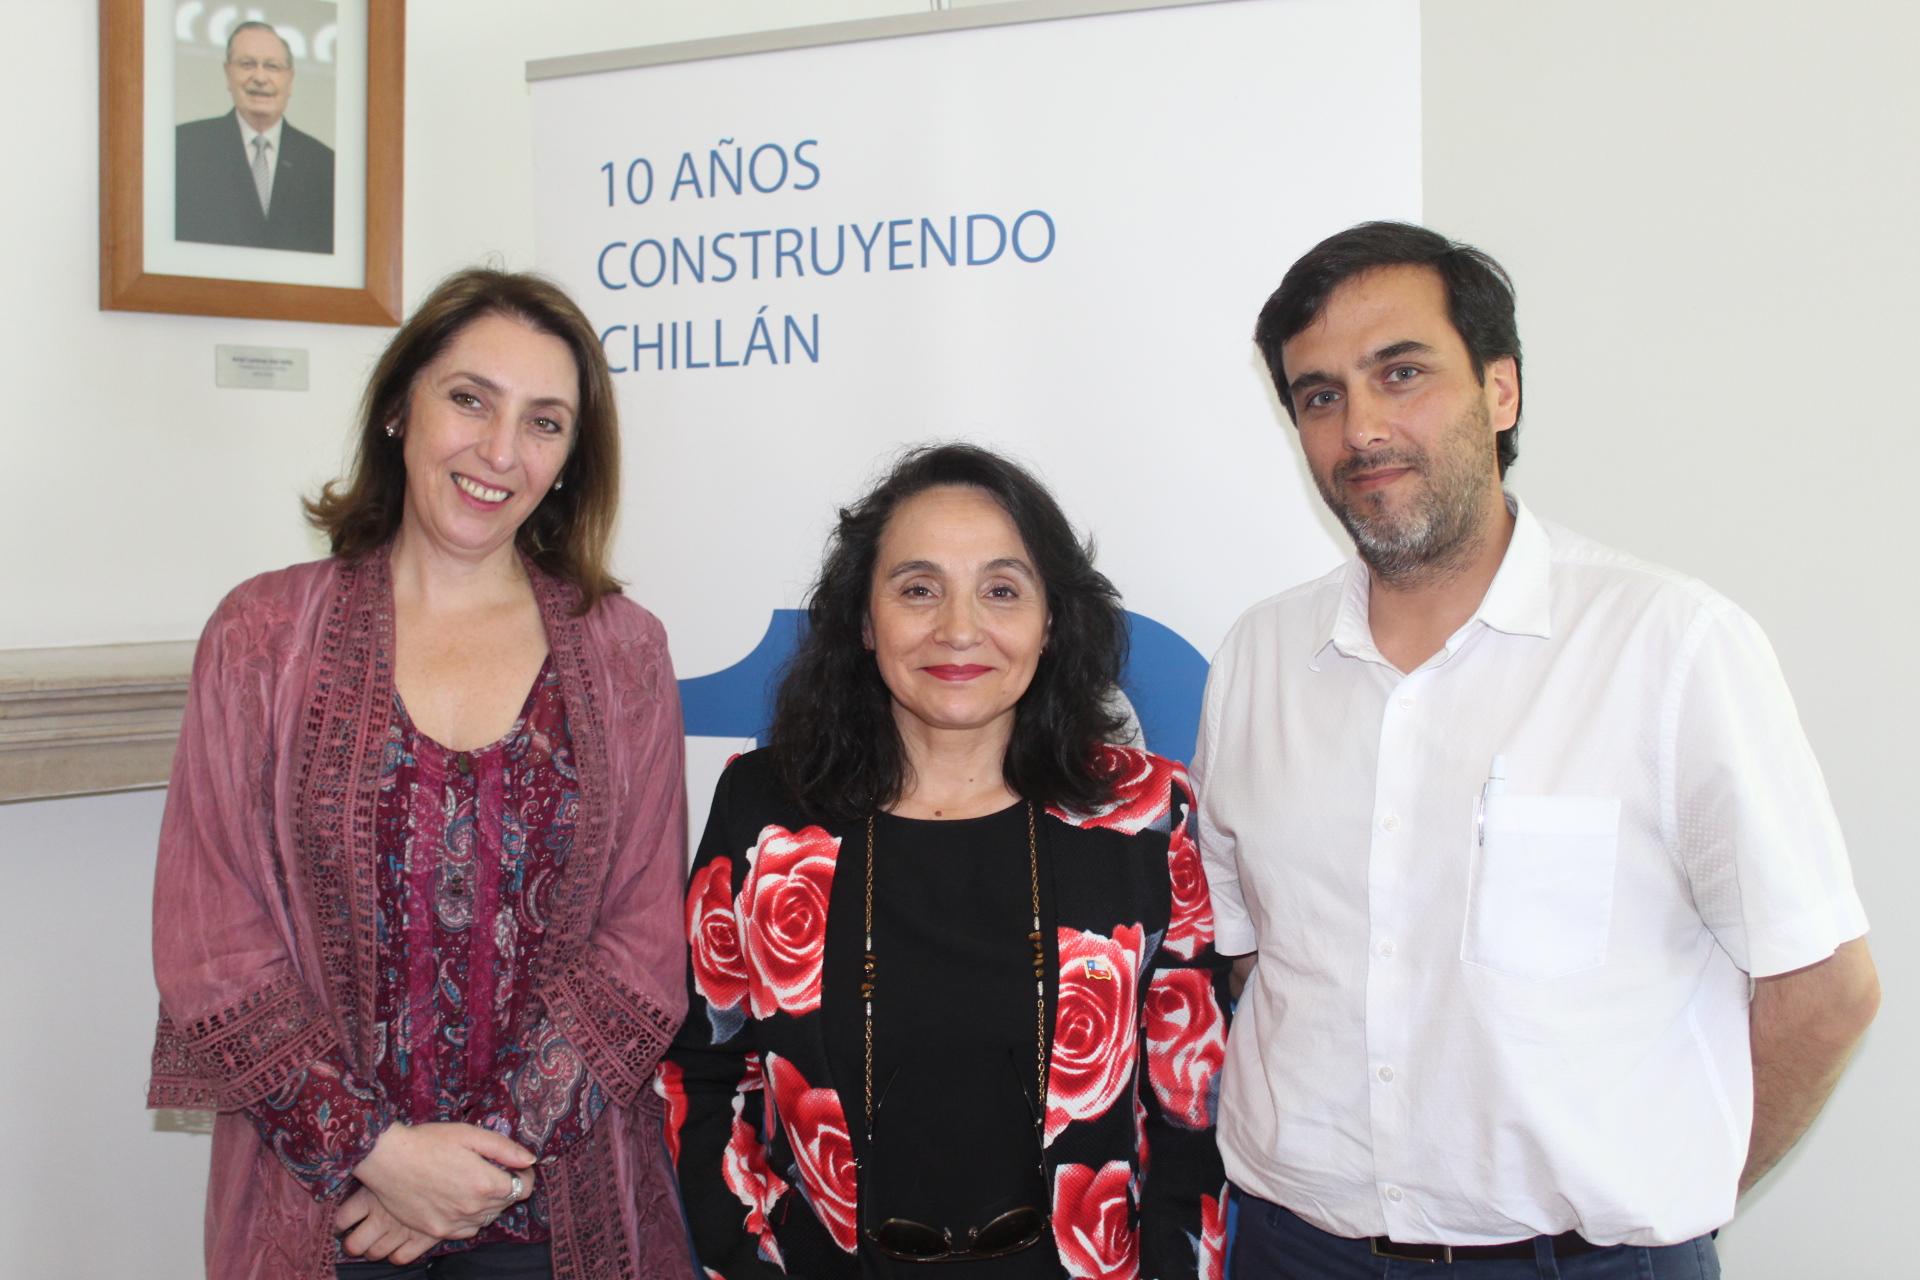 Seremi de Justicia conoció detalles de programa Cimientos de la CChC Chillán noticias